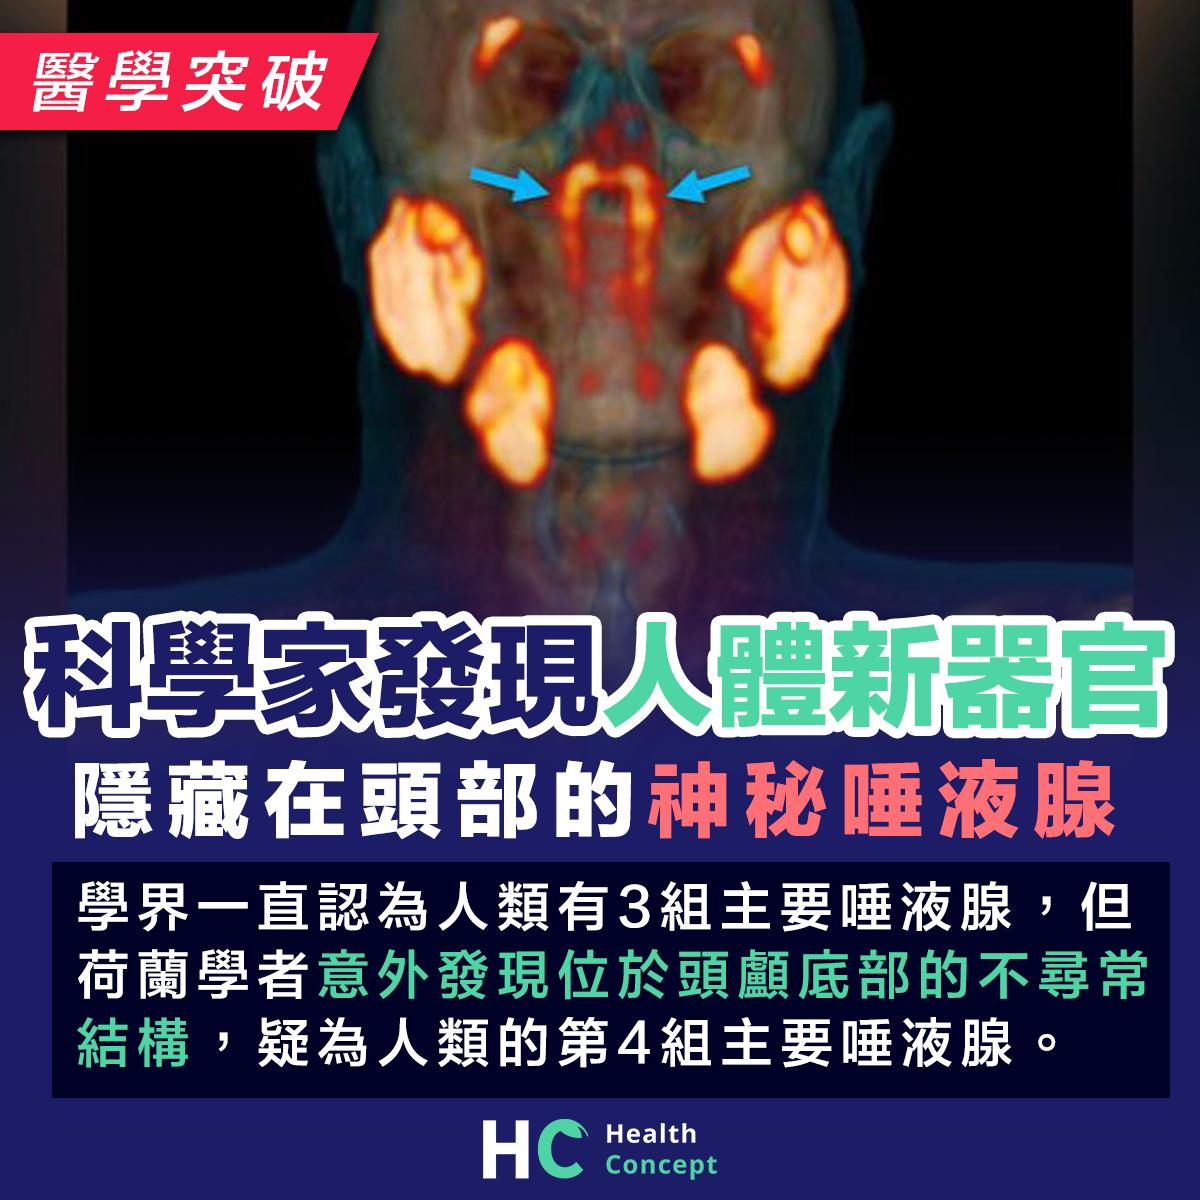 科學家發現人體新器官,一旦被證實或改寫解剖學教科書